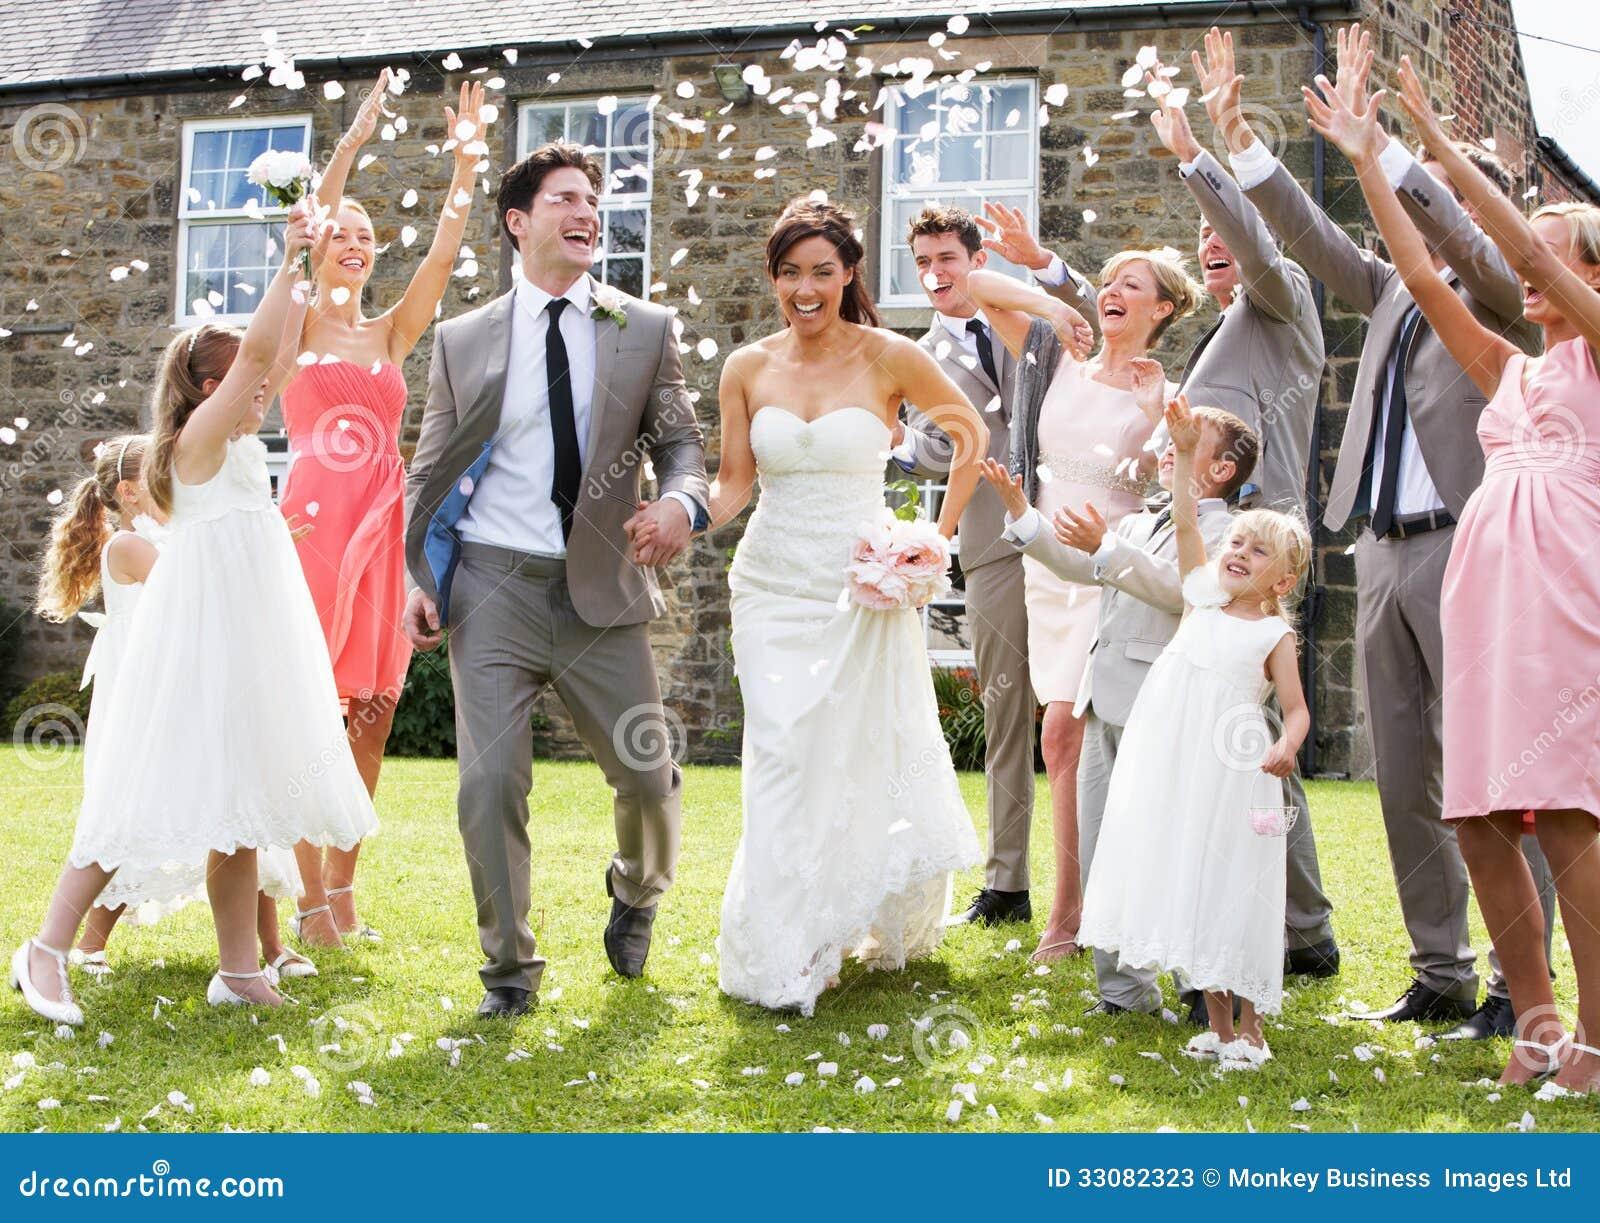 Invités jetant des confettis au-dessus des jeunes mariés